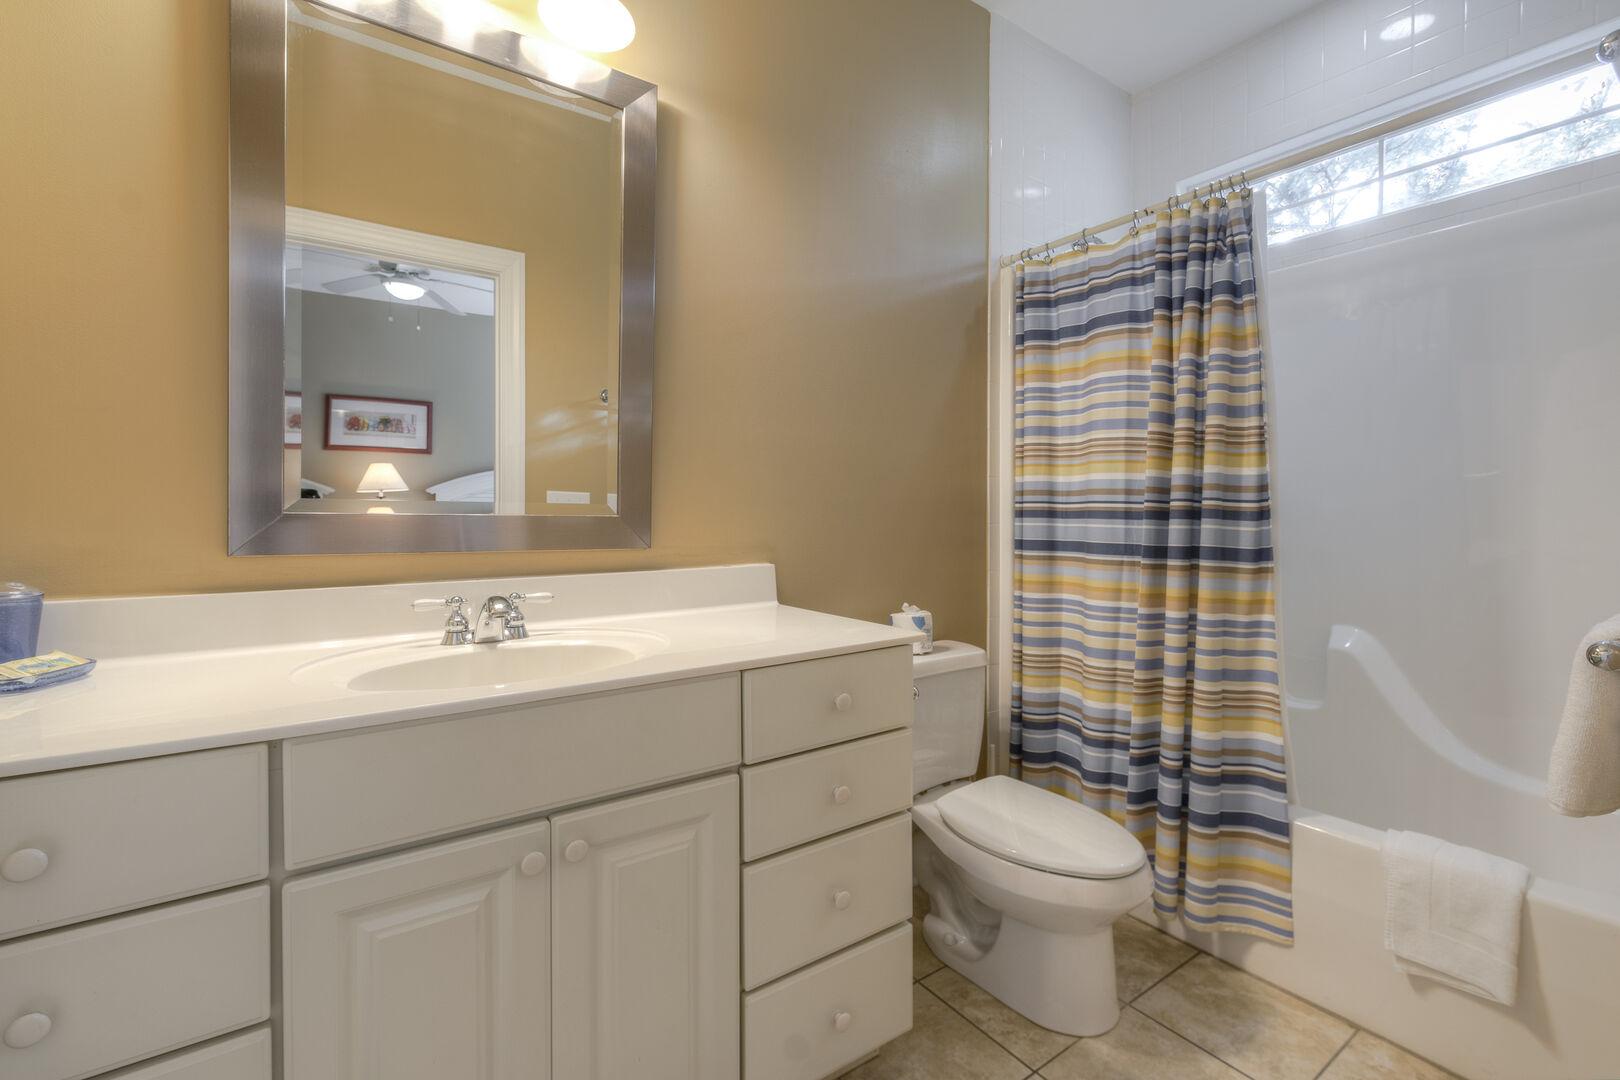 Queens Bathroom - Second Floor